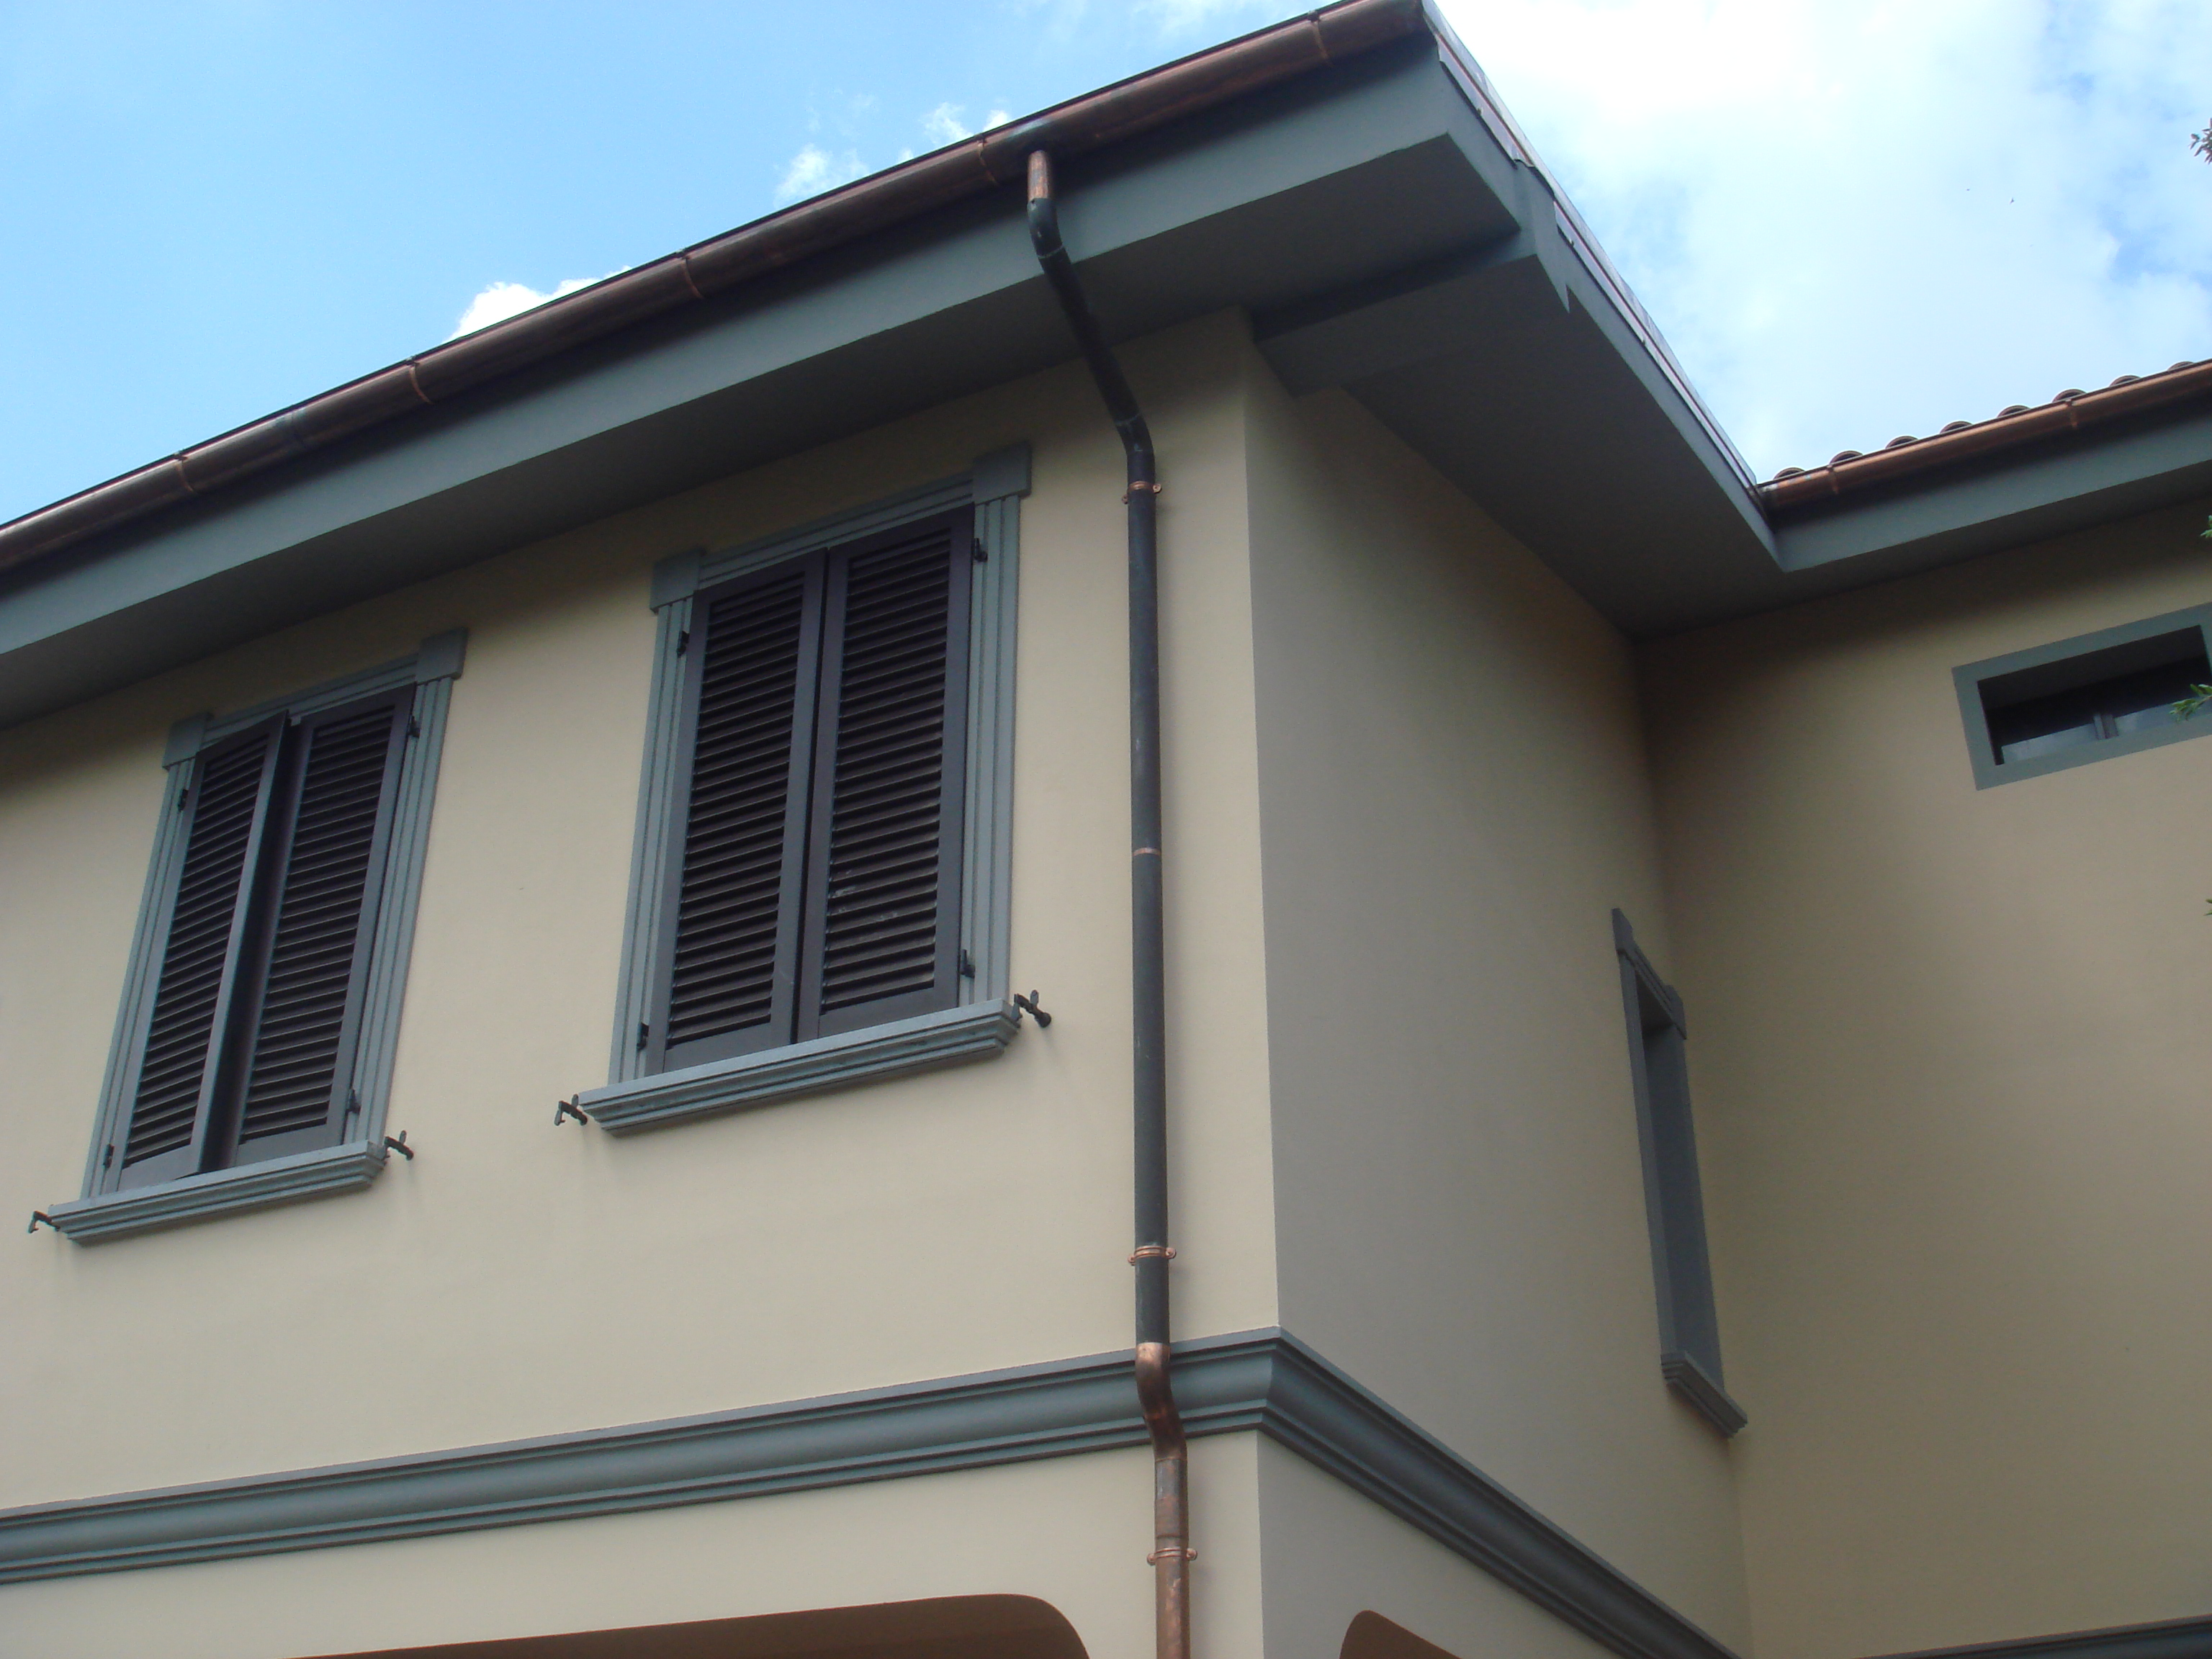 Cornici in polistirolo k systems snc di oliveri isidoro c - Cornici finestre in polistirolo ...